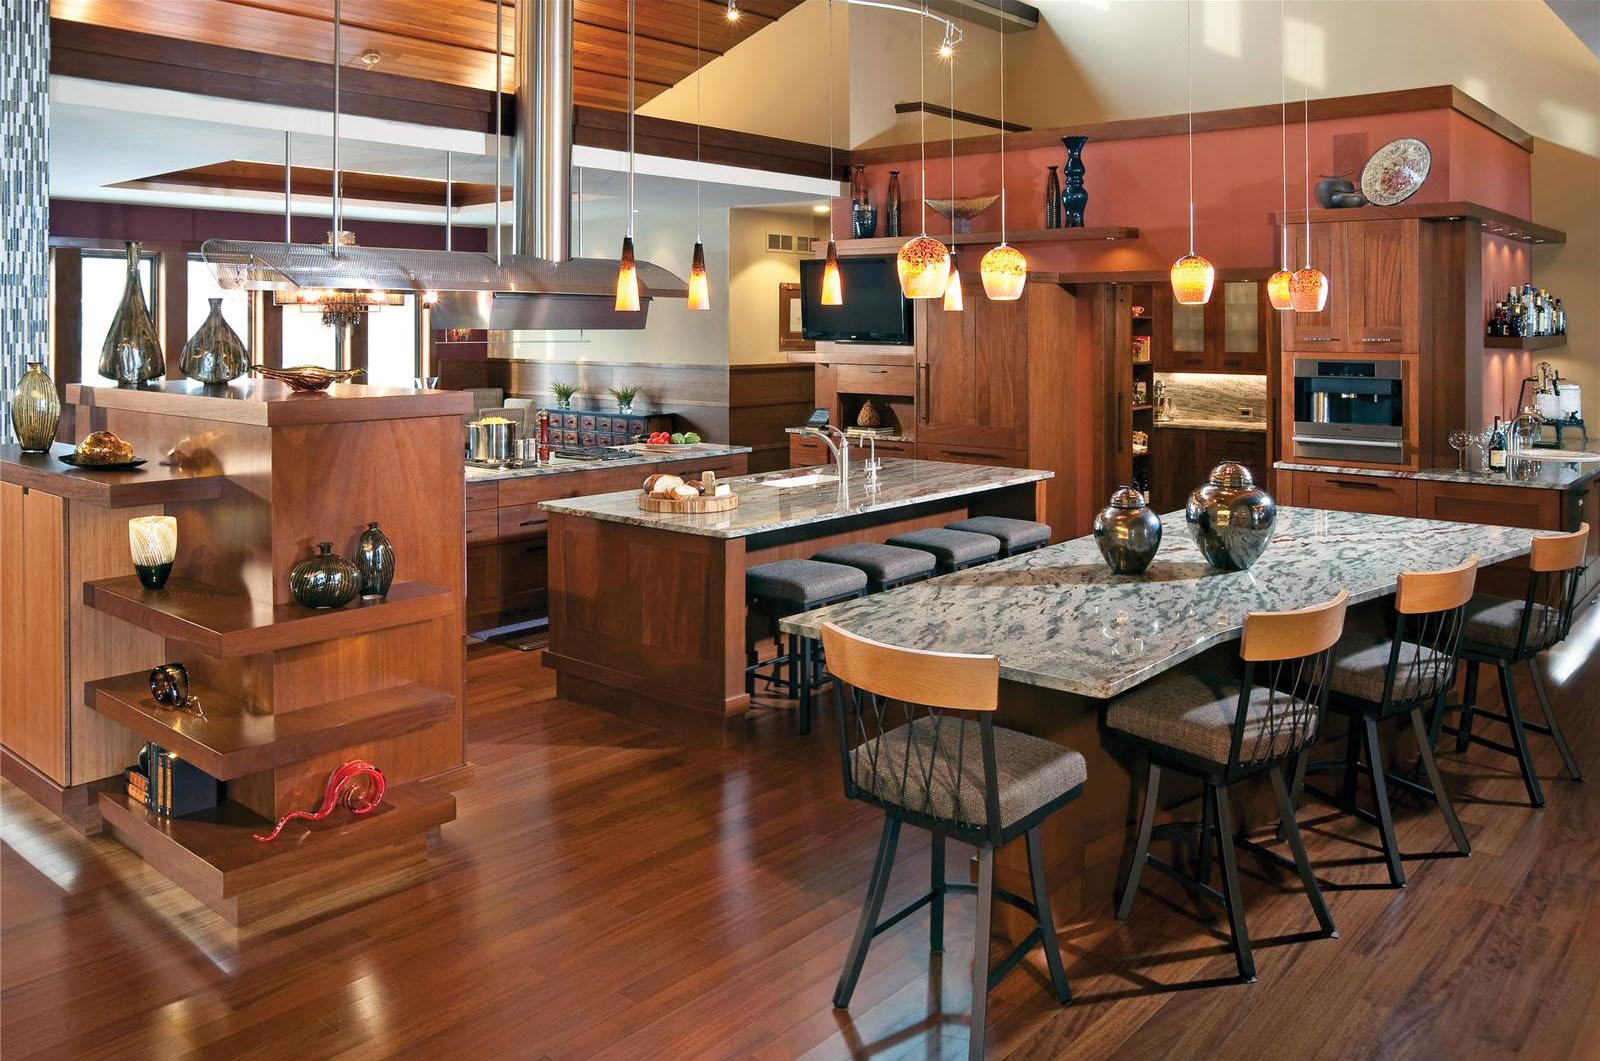 open contemporary kitchen design ideas kitchen designs pictures Via Homeportfolio